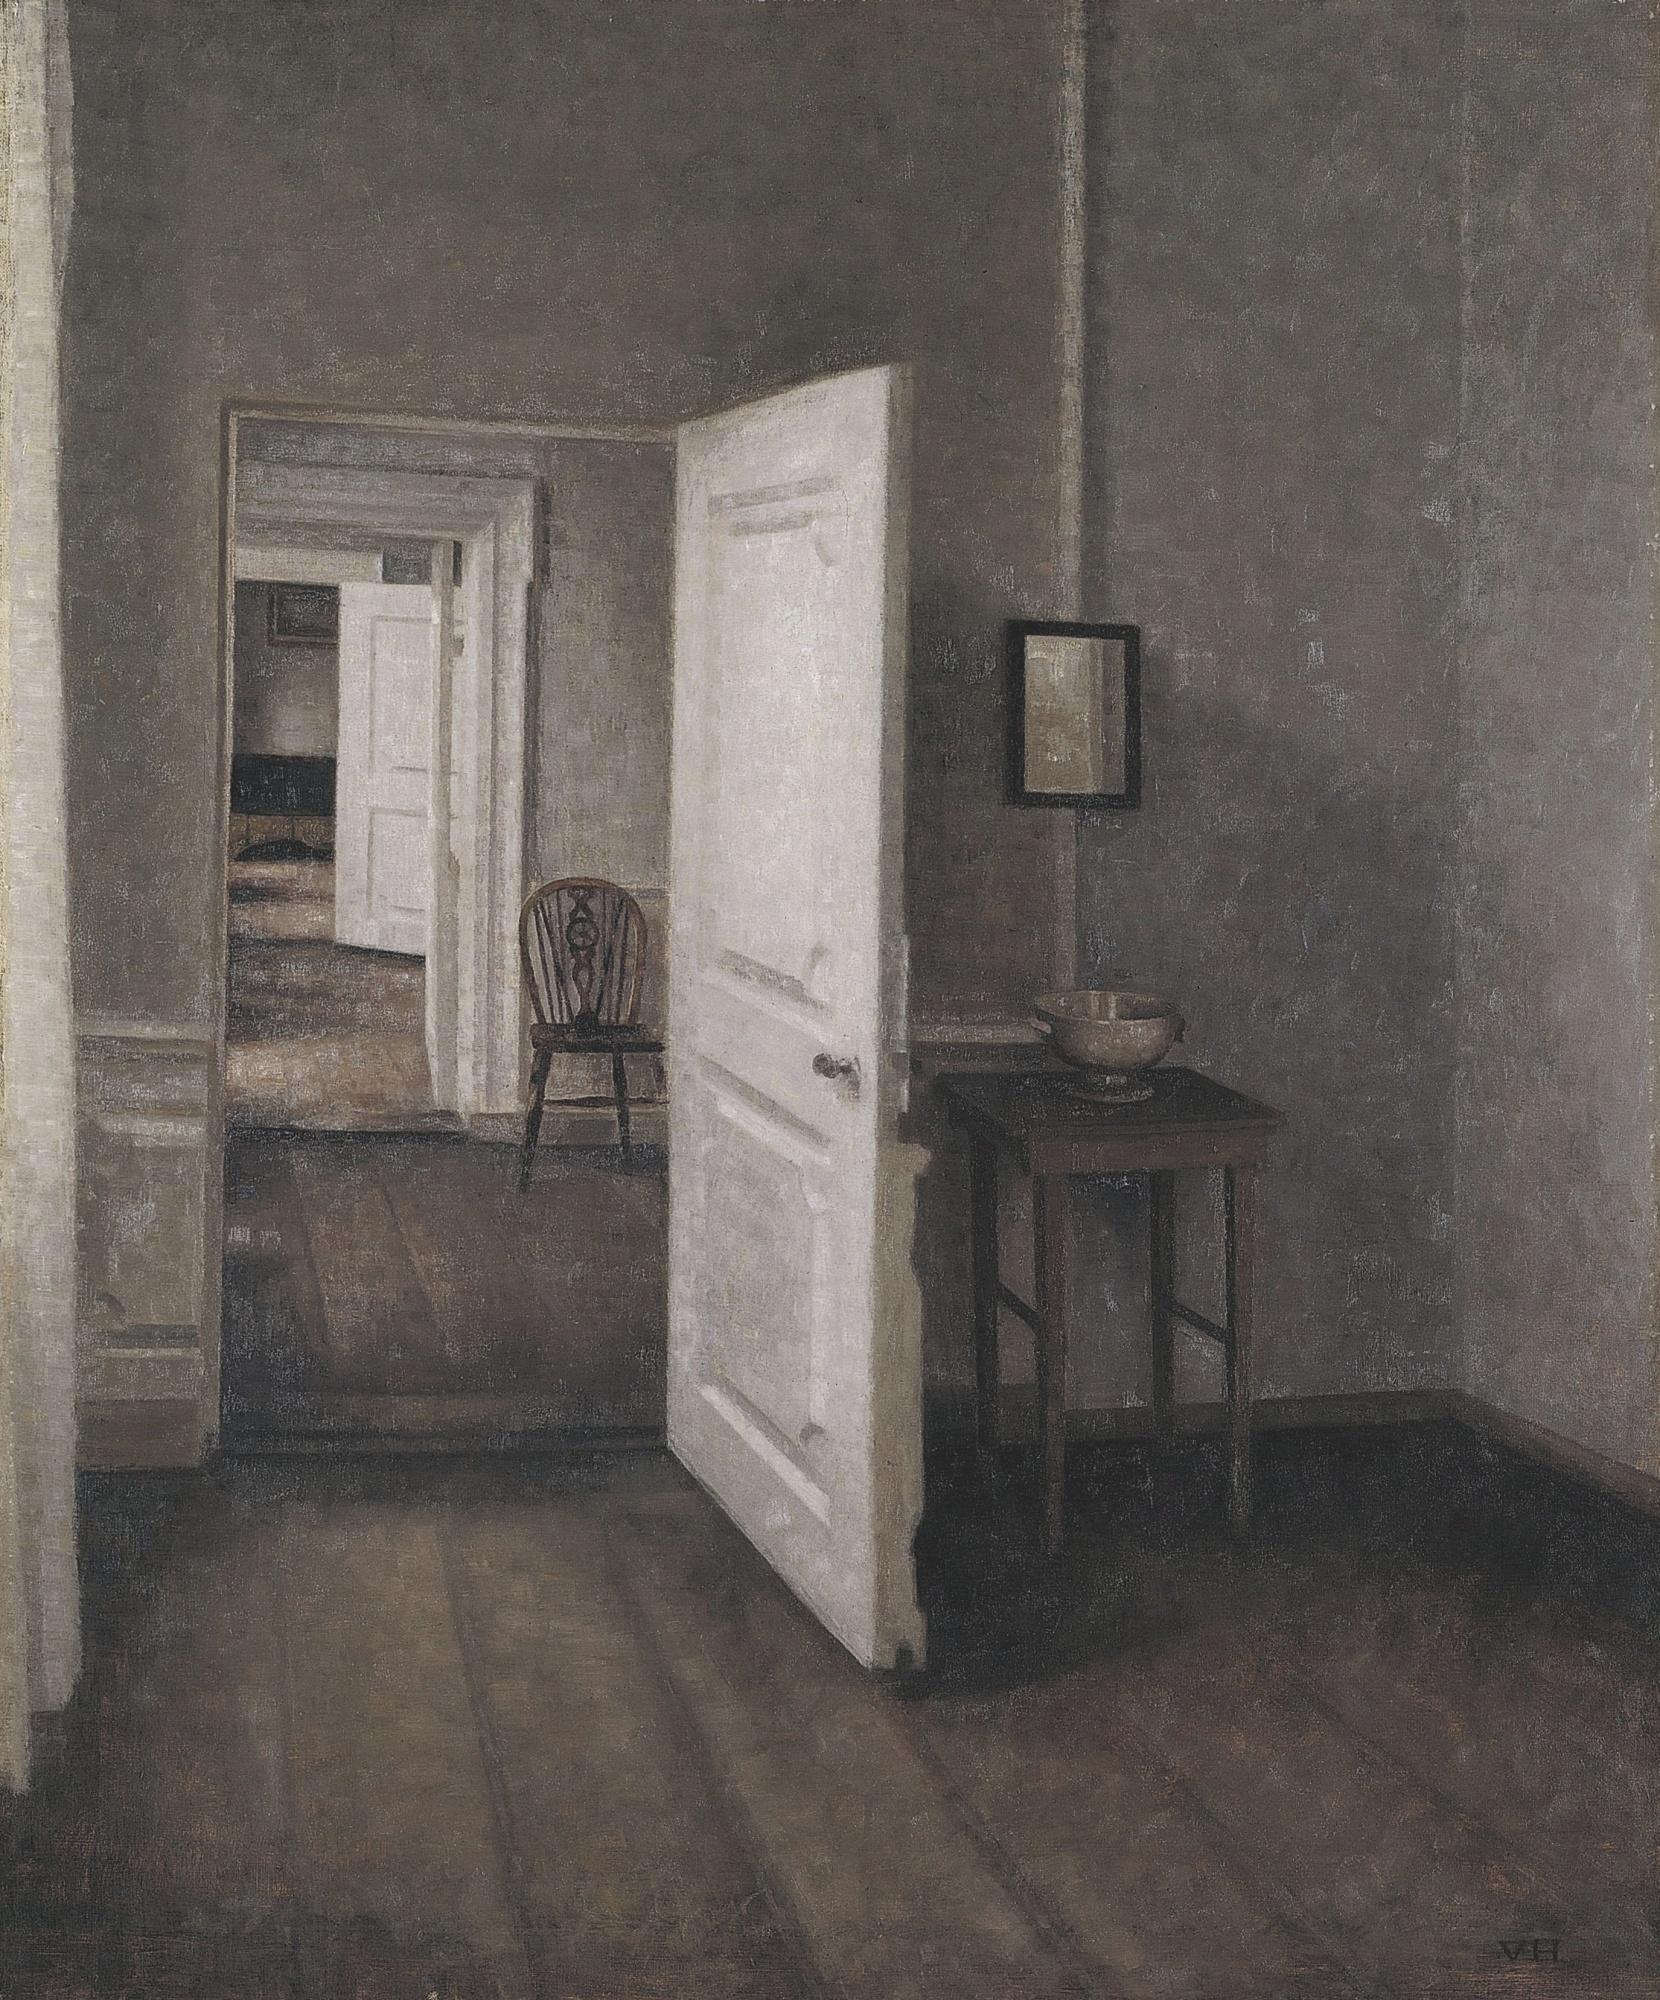 Hammershøi, le maître de la peinture danoise au musée Jacquemart André Willem-hammershoi-13